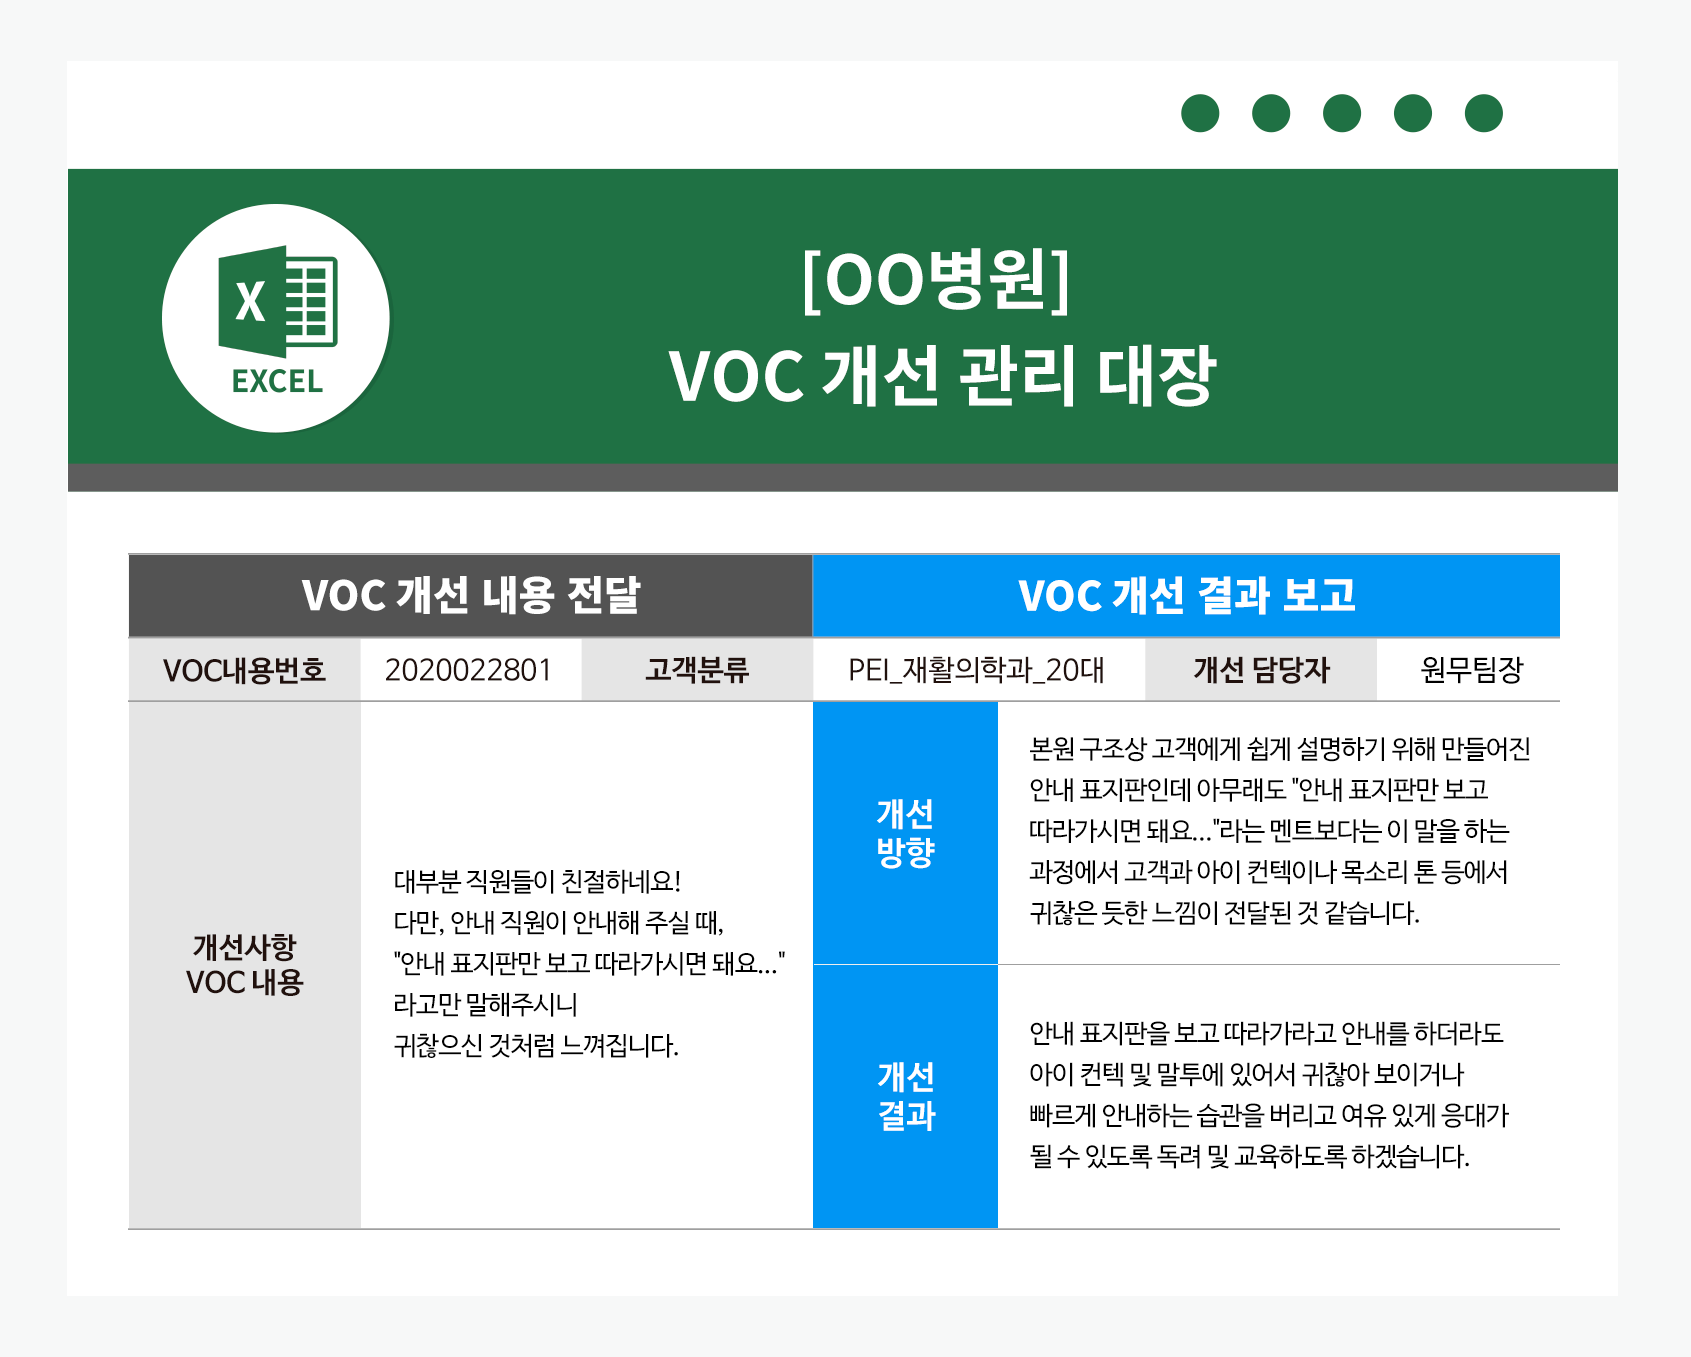 고객의 소리(VOC) 개선 관리 대장 예시